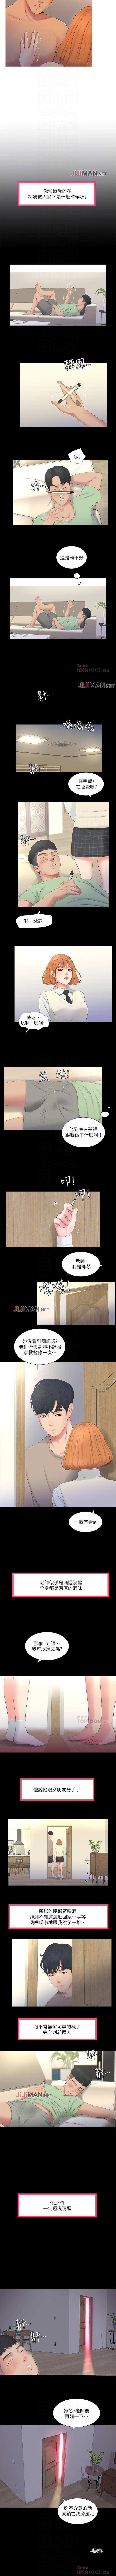 【周四连载】亲家四姐妹(作者:愛摸) 第1~37话 16